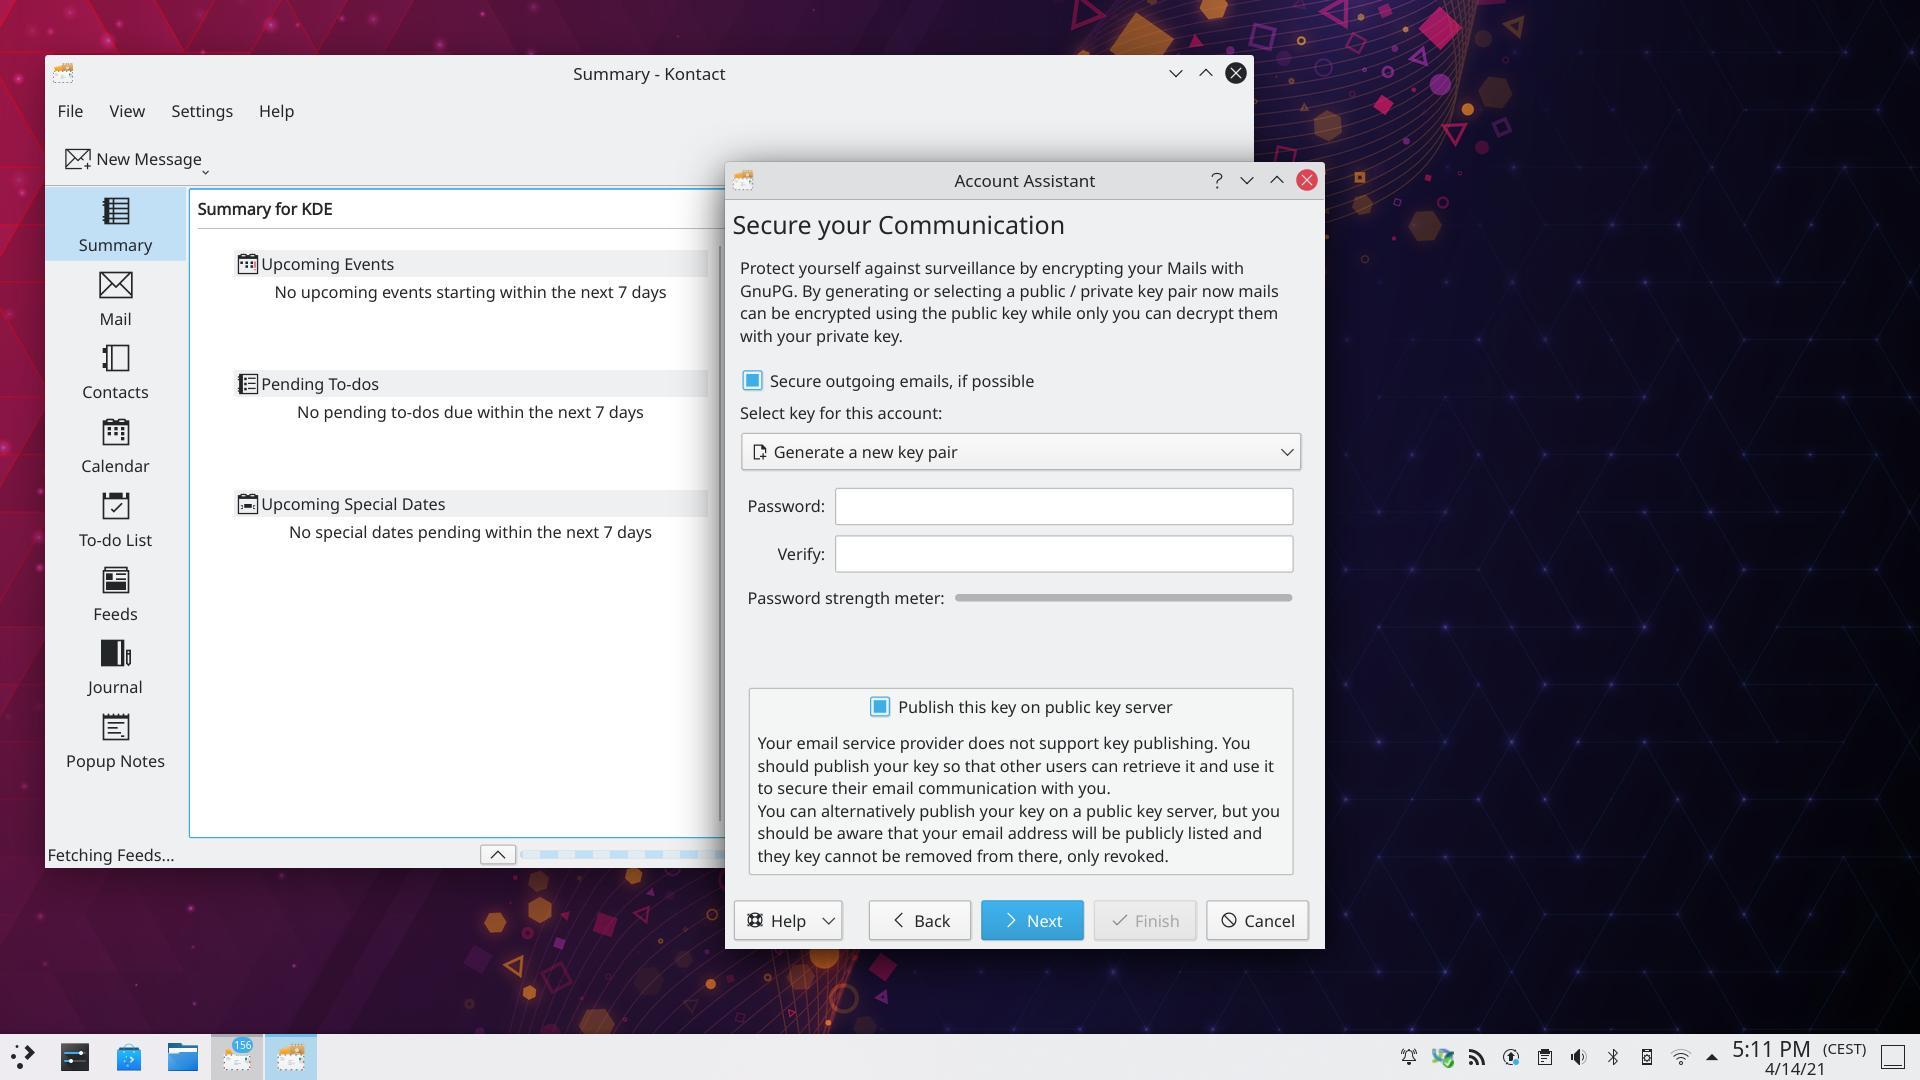 Configuració de seguretat del KMail